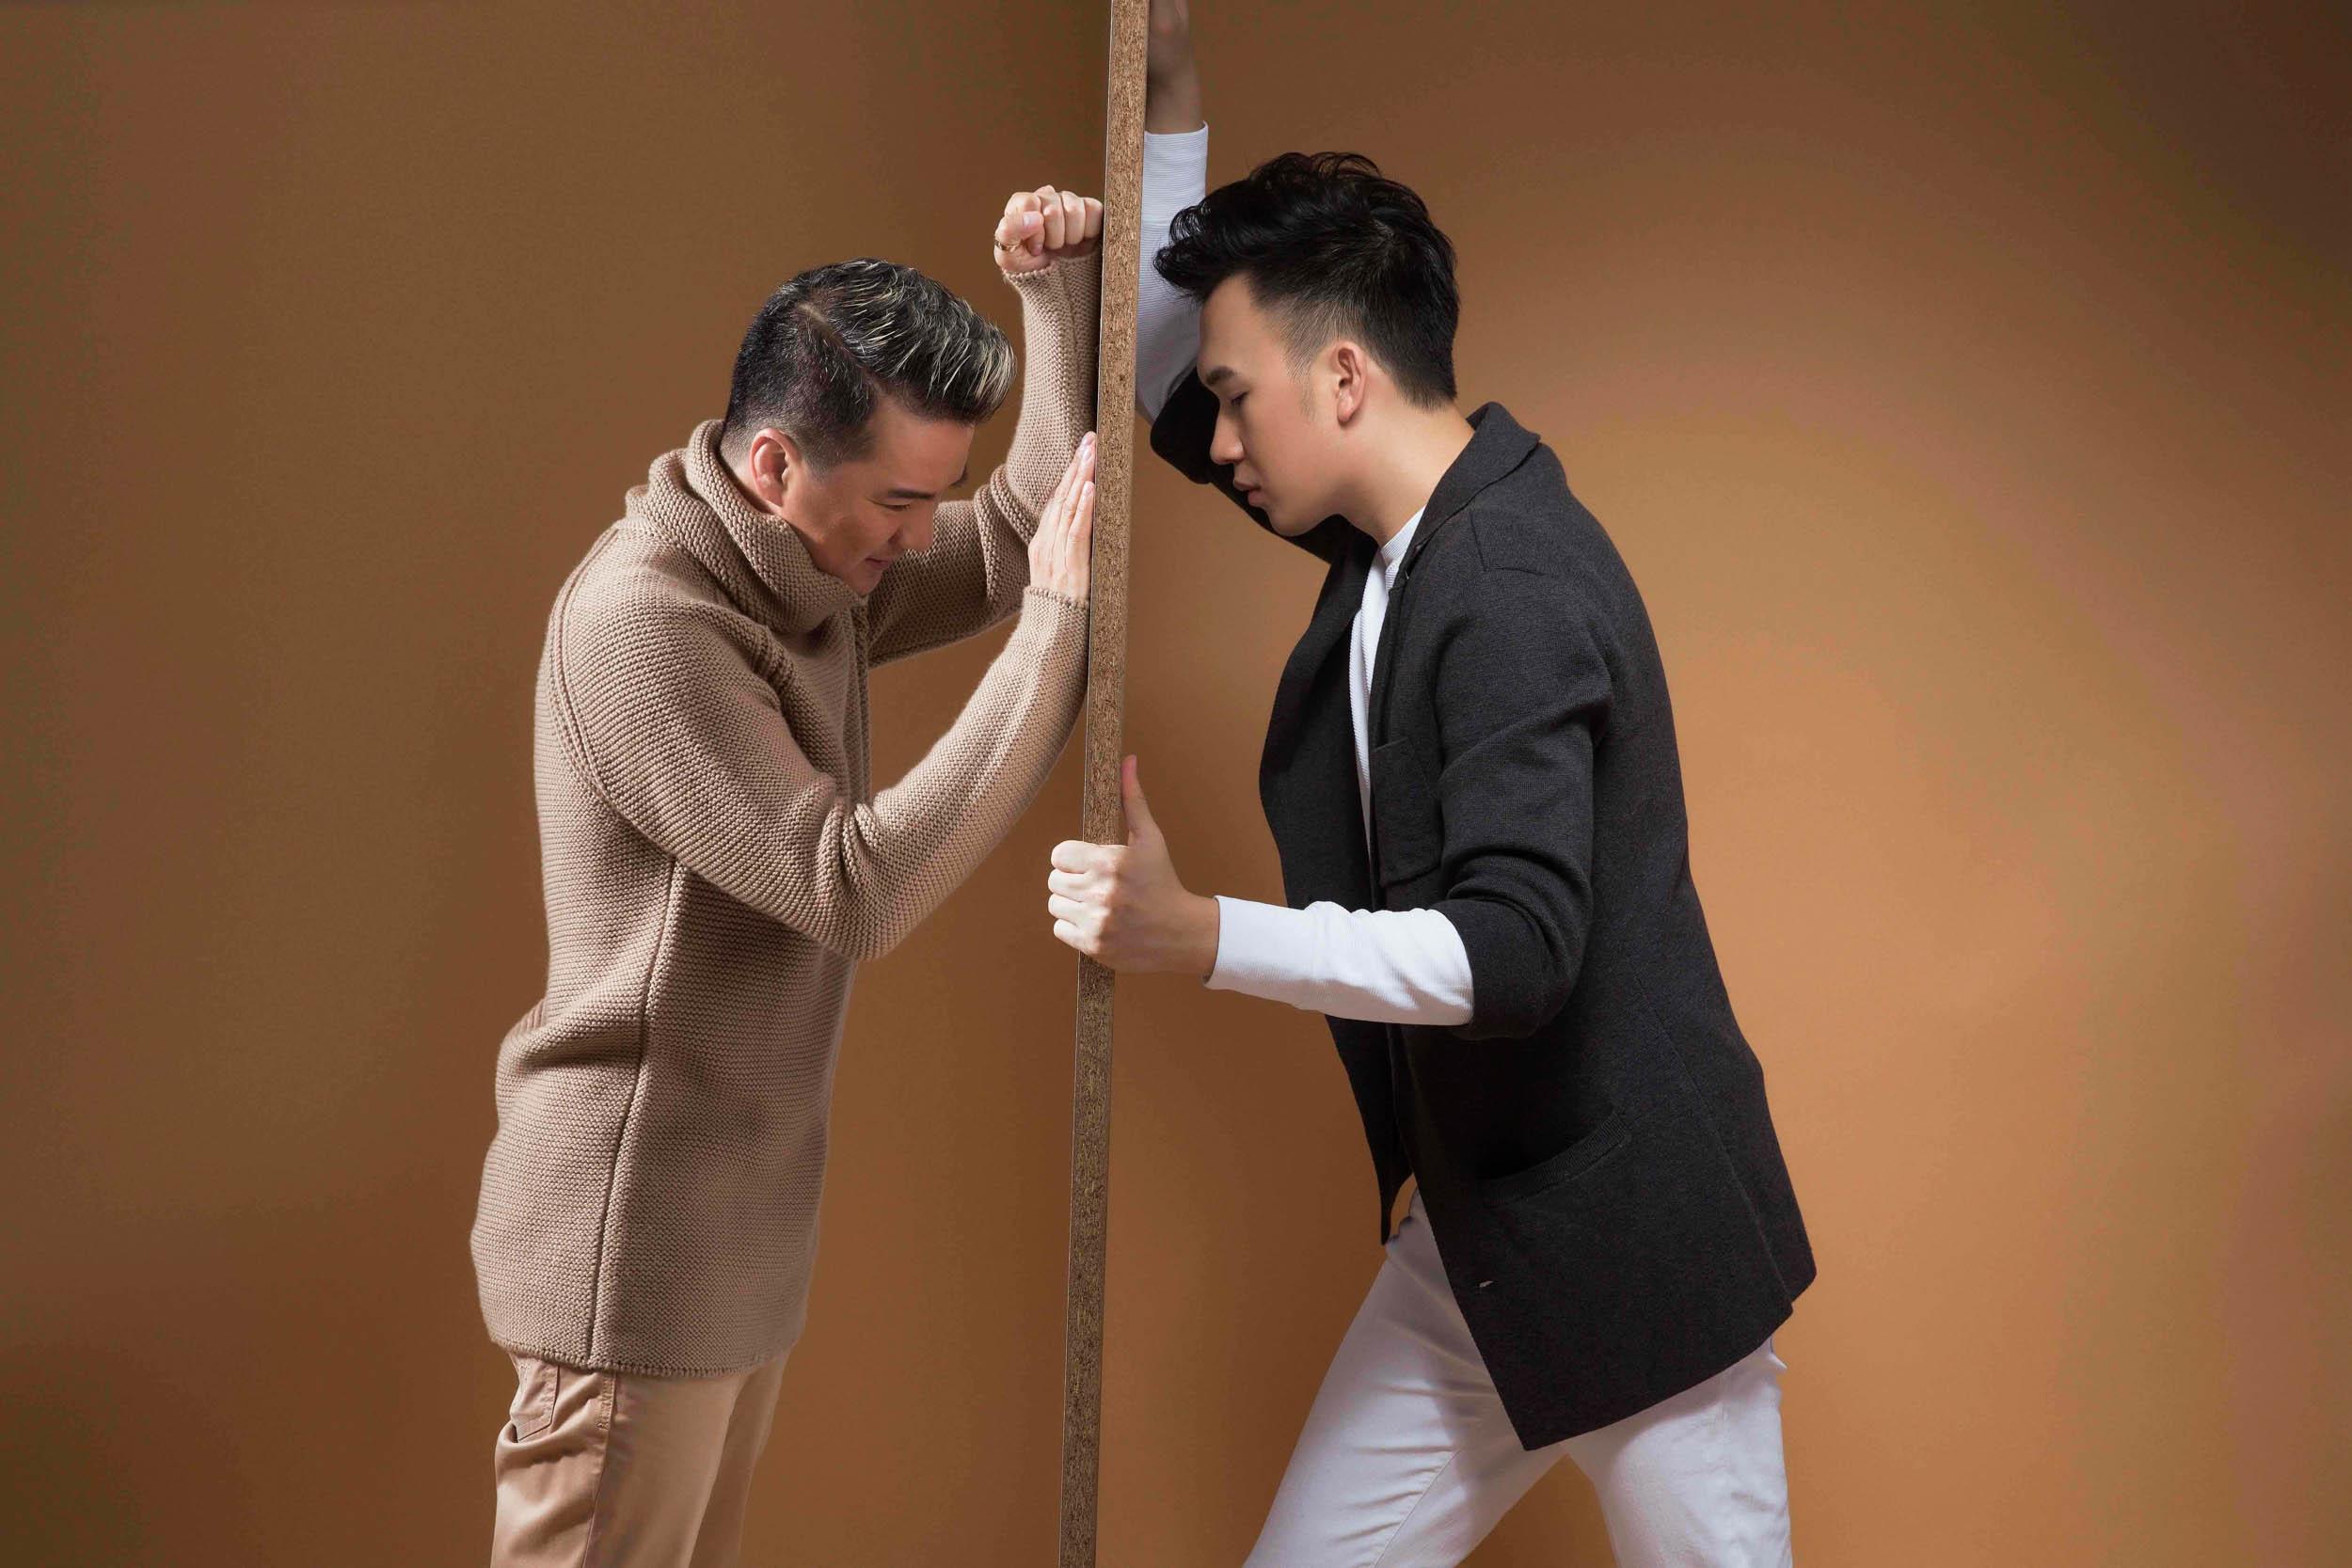 Đàm Vĩnh Hưng - Dương Triệu Vũ ra mắt teaser album chung, tiếp tục úp mở về mối quan hệ của cả hai - Ảnh 4.